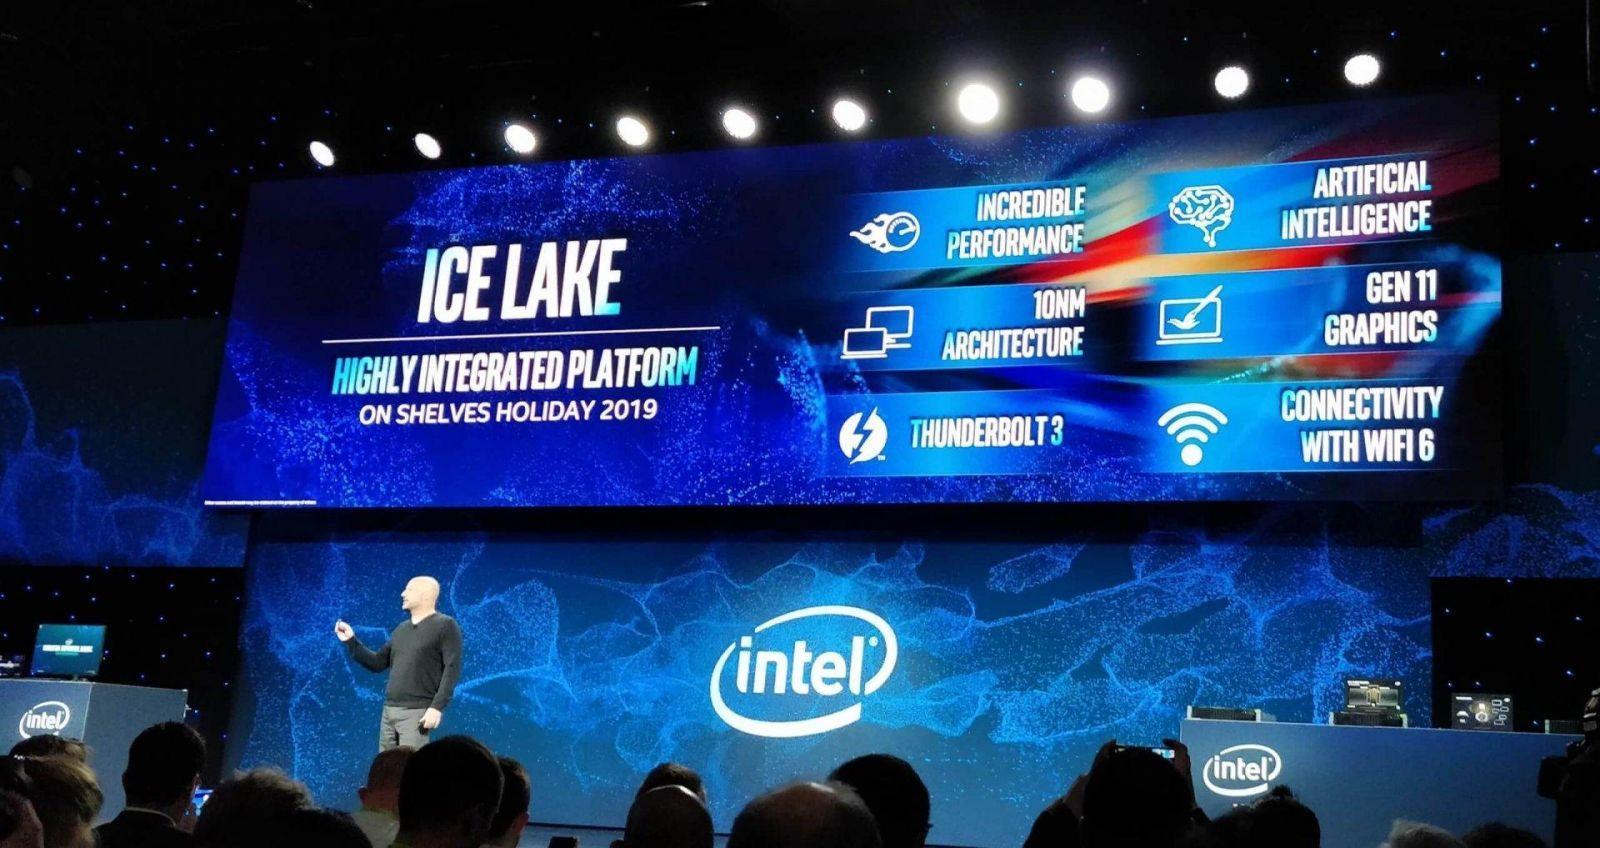 Появились функциональные драйверы Intel Ice Lake Gen11 для Linux (2019 03 22 image 19)